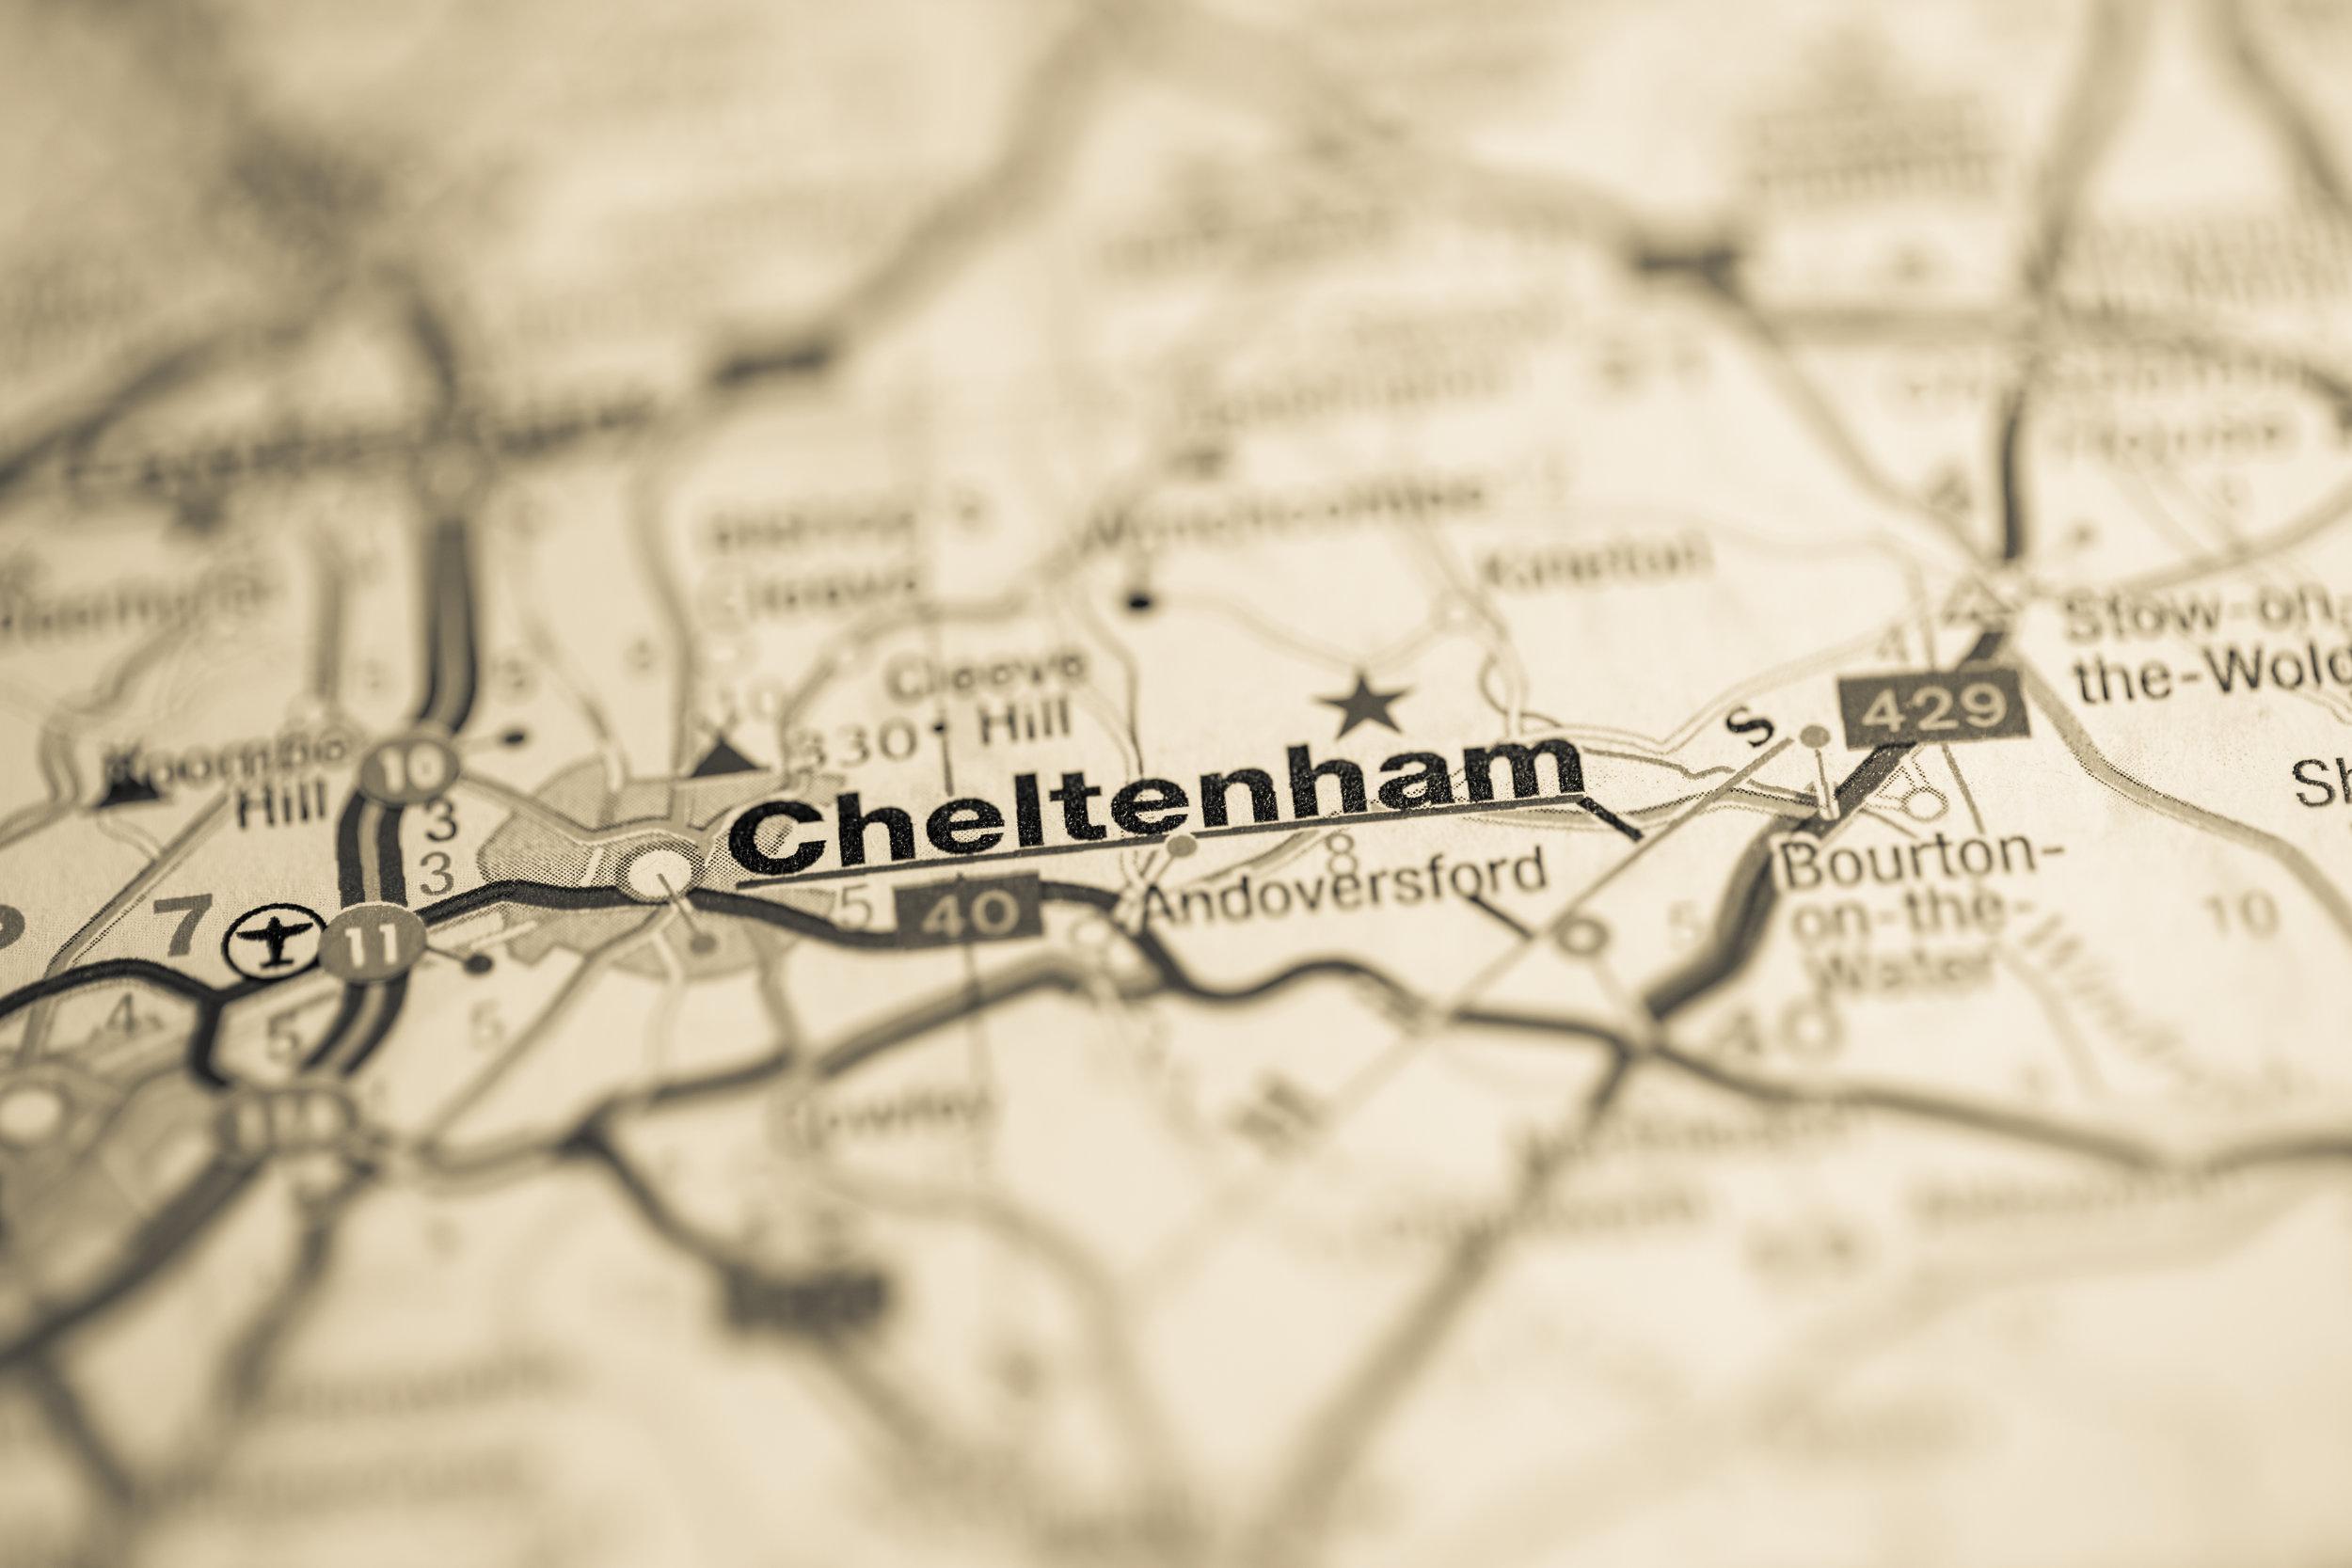 Chetenham map.jpg